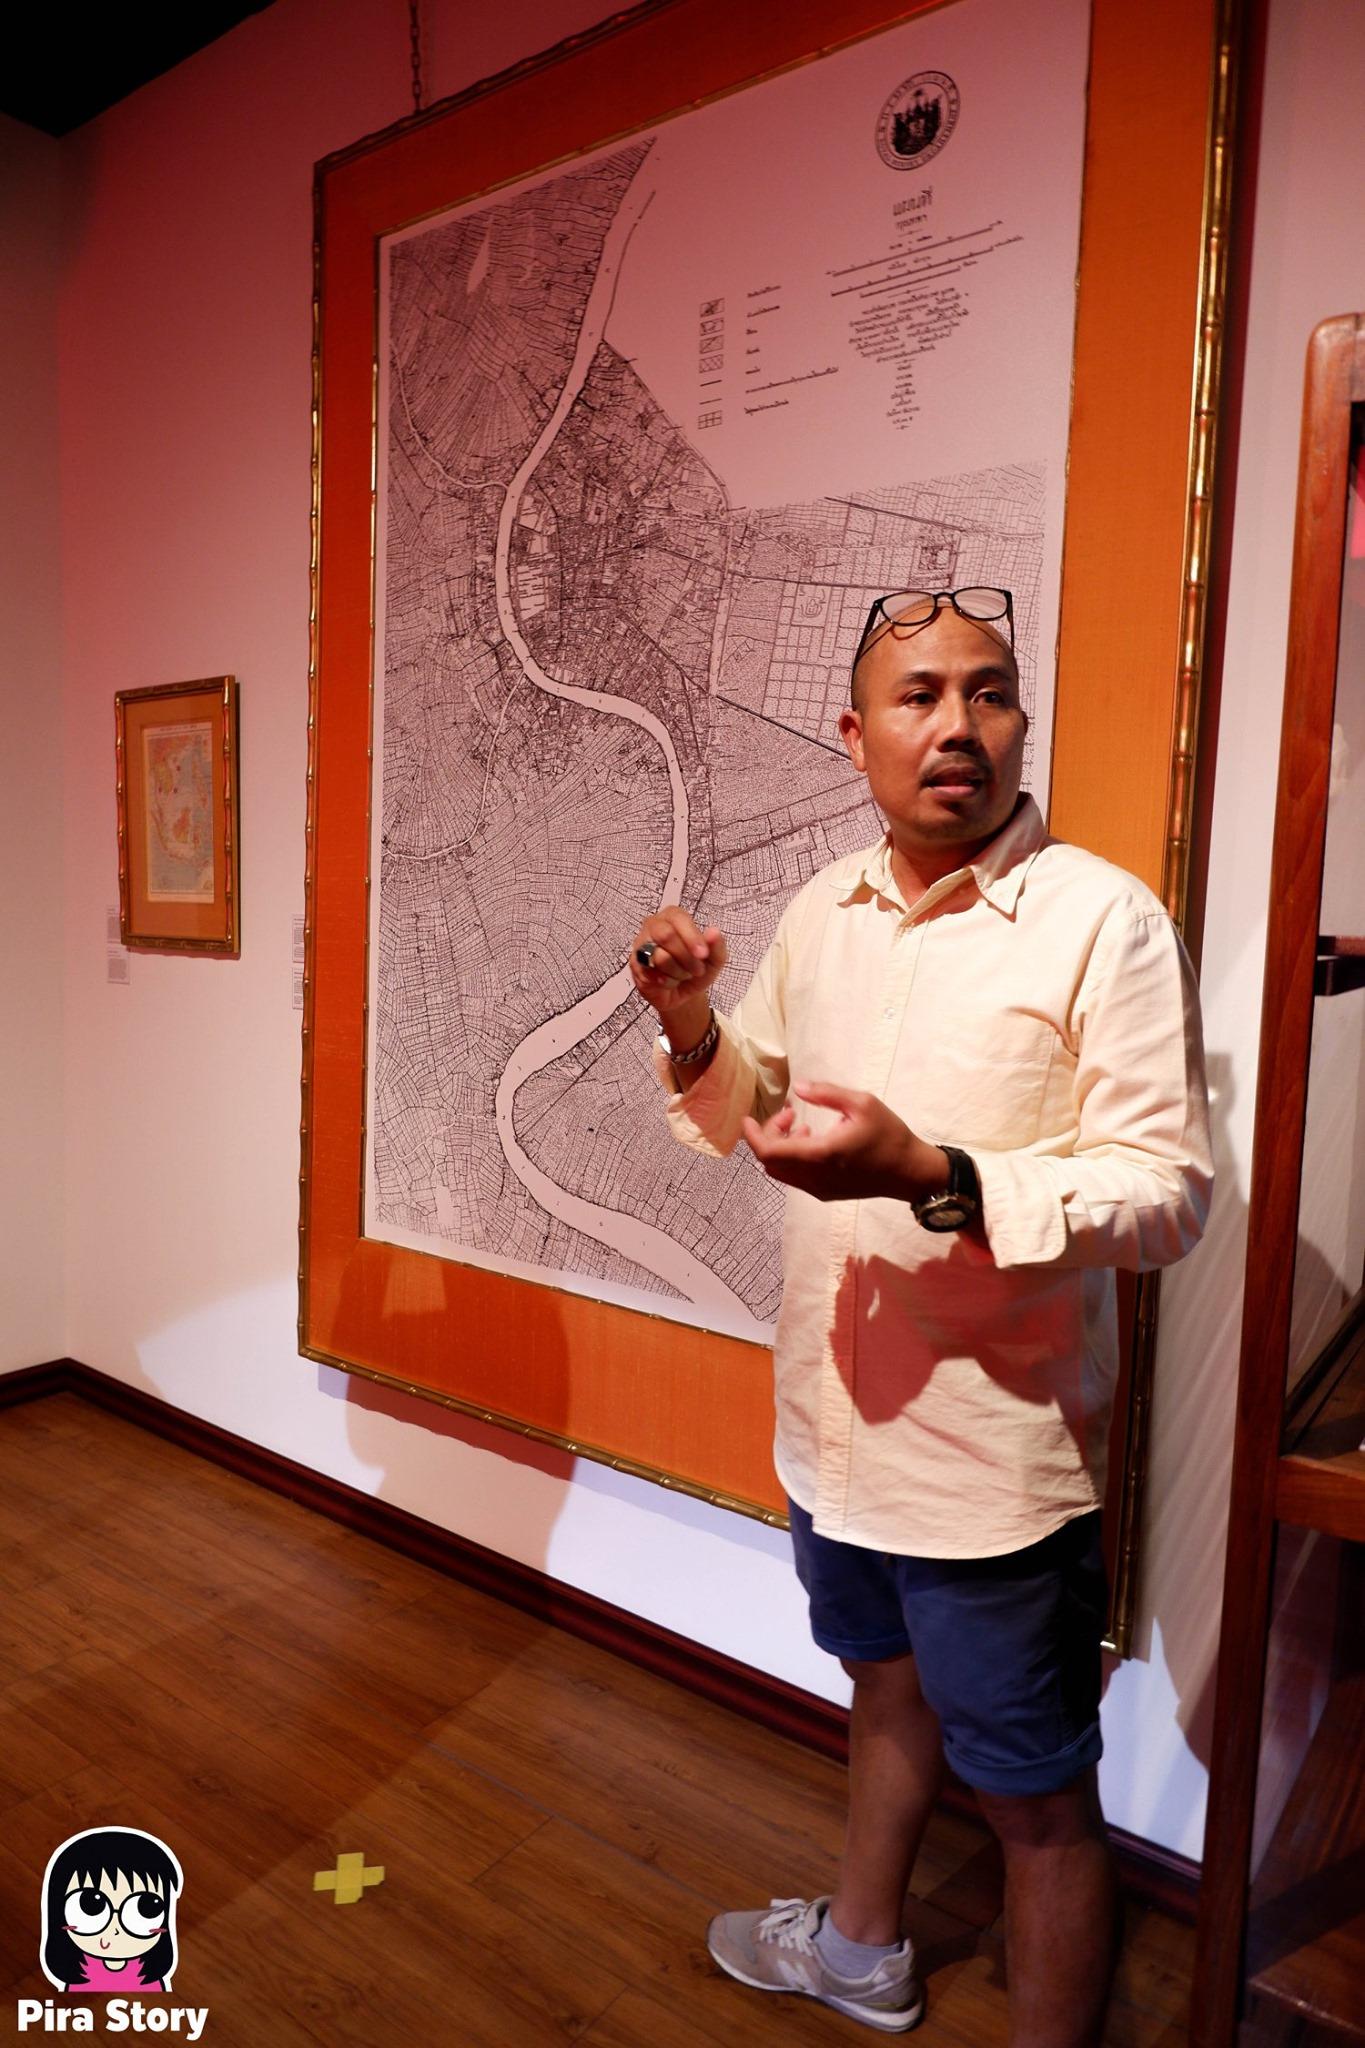 พิพิธภัณฑ์พัฒน์พงศ์ Patpong museum พัฒน์พงศ์มิวเซียม sex worker ซ่อง ประวัติศาสตร์ โคมเขียว พัฒน์พงศ์มิวเซียม pira story pirastory เที่ยวเนิร์ดๆ โมเดล แบบจำลอง อาคาร บ้าน ตึก อาคารพาณิชย์ ไกด์ มัคคุเทศก์